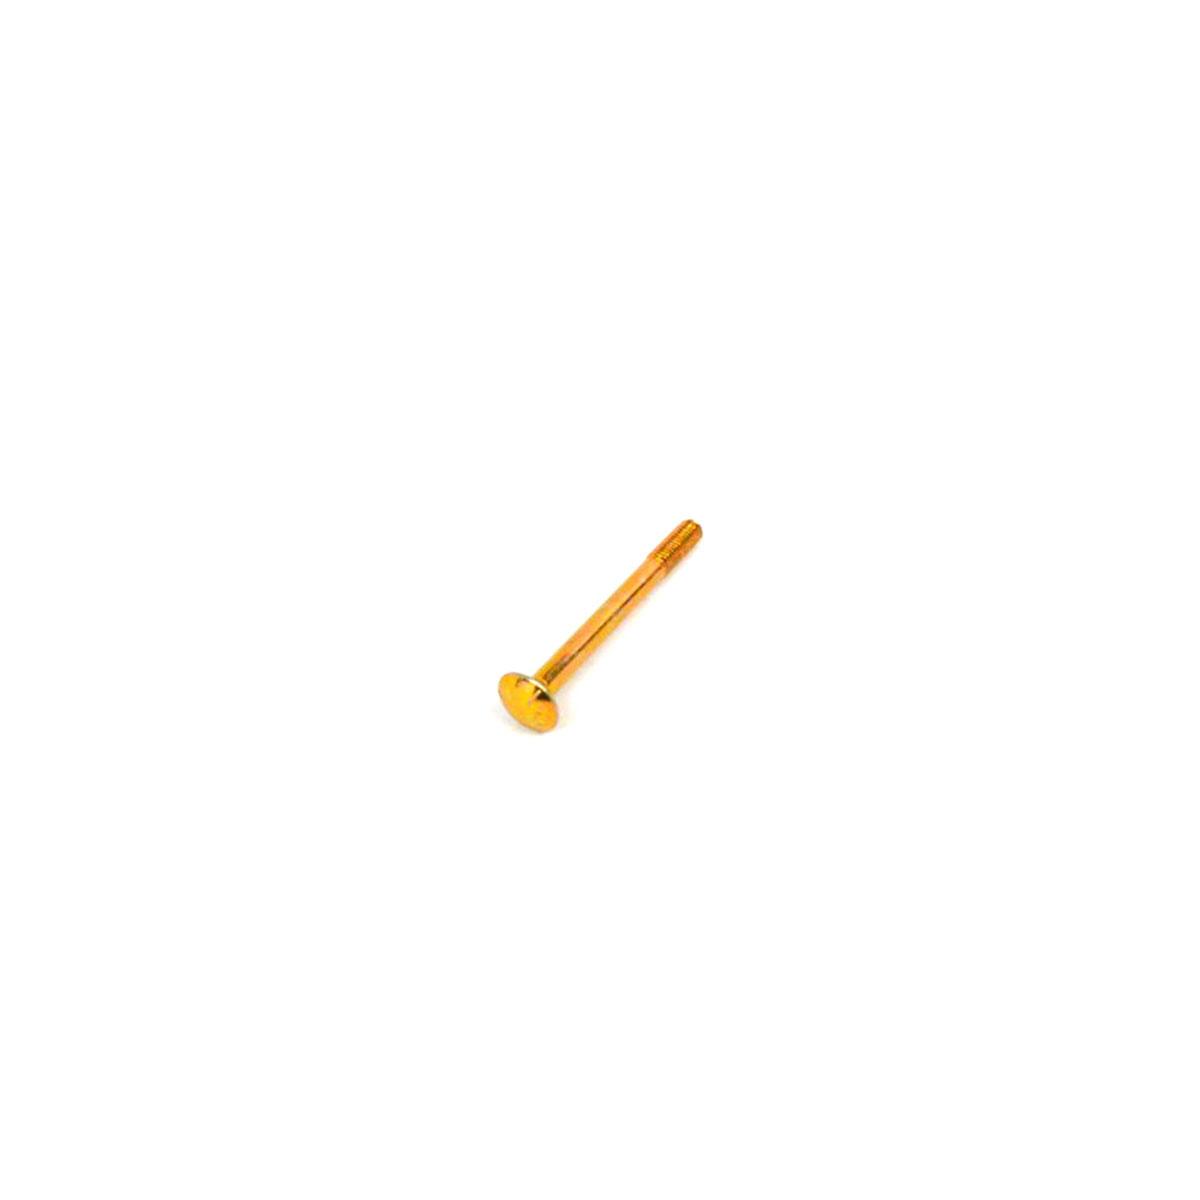 3//8-16 X 4.00 Scag 04003-26 Carriage Bolt